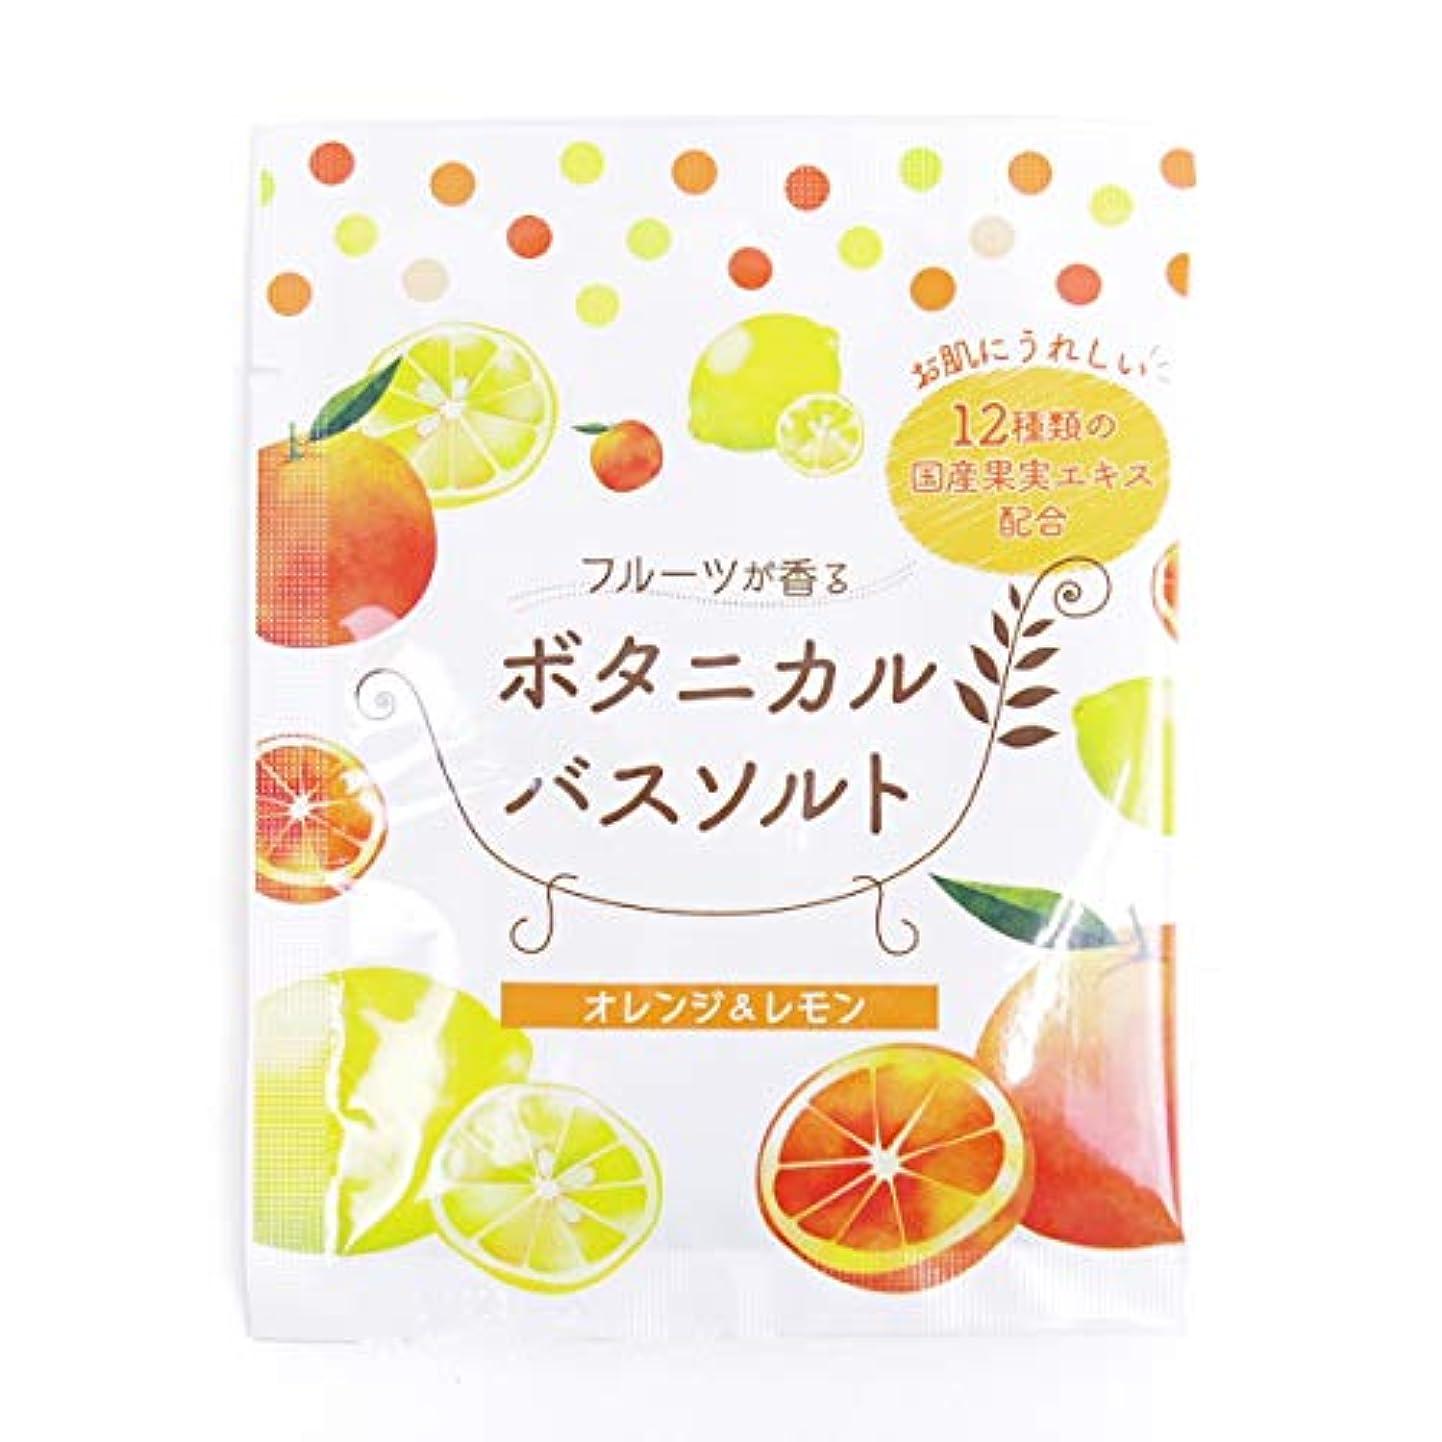 容疑者座標集まる松田医薬品 フルーツが香るボタニカルバスソルト オレンジ&レモン 30g